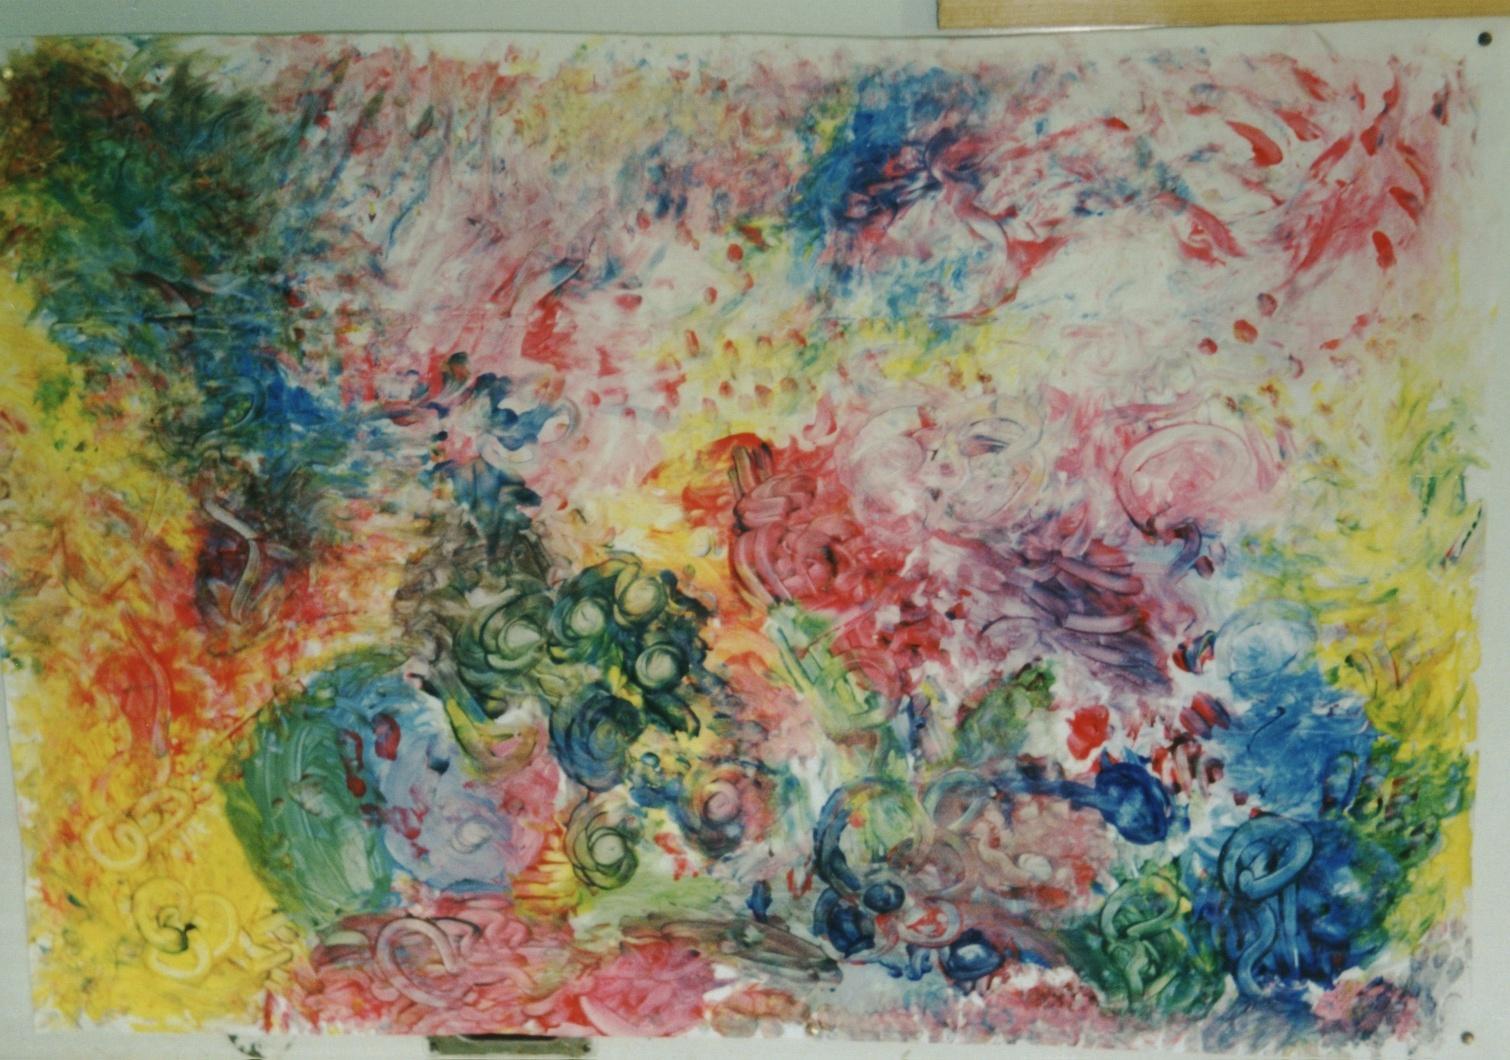 דר הרפז רותי תרפיה באמנות